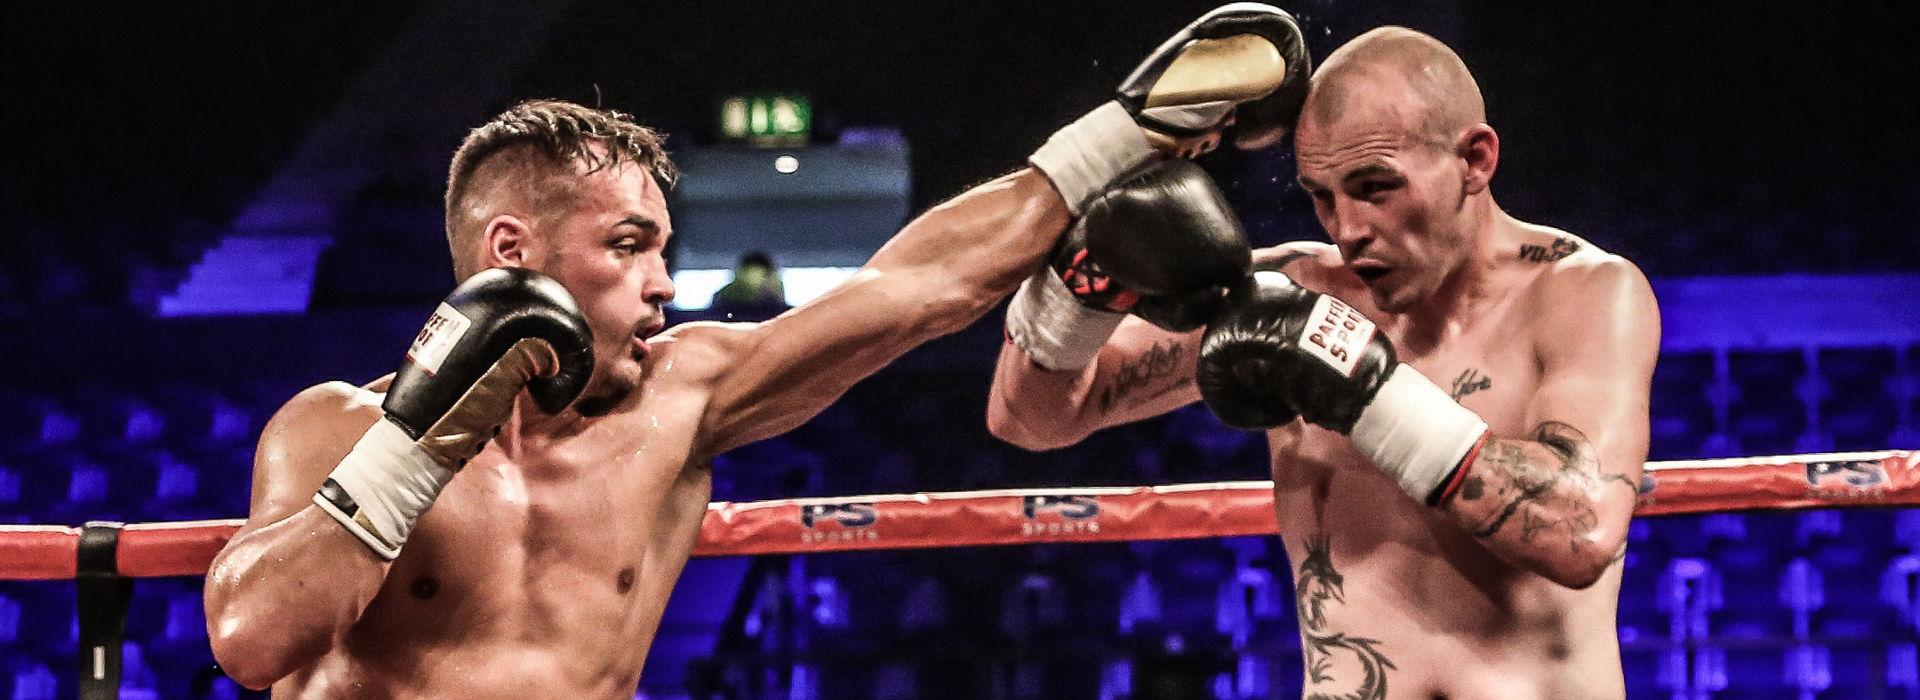 Patrick Wojcicki gegen Daryl Sharp - Deutscher Profiboxer im Team Sauerland